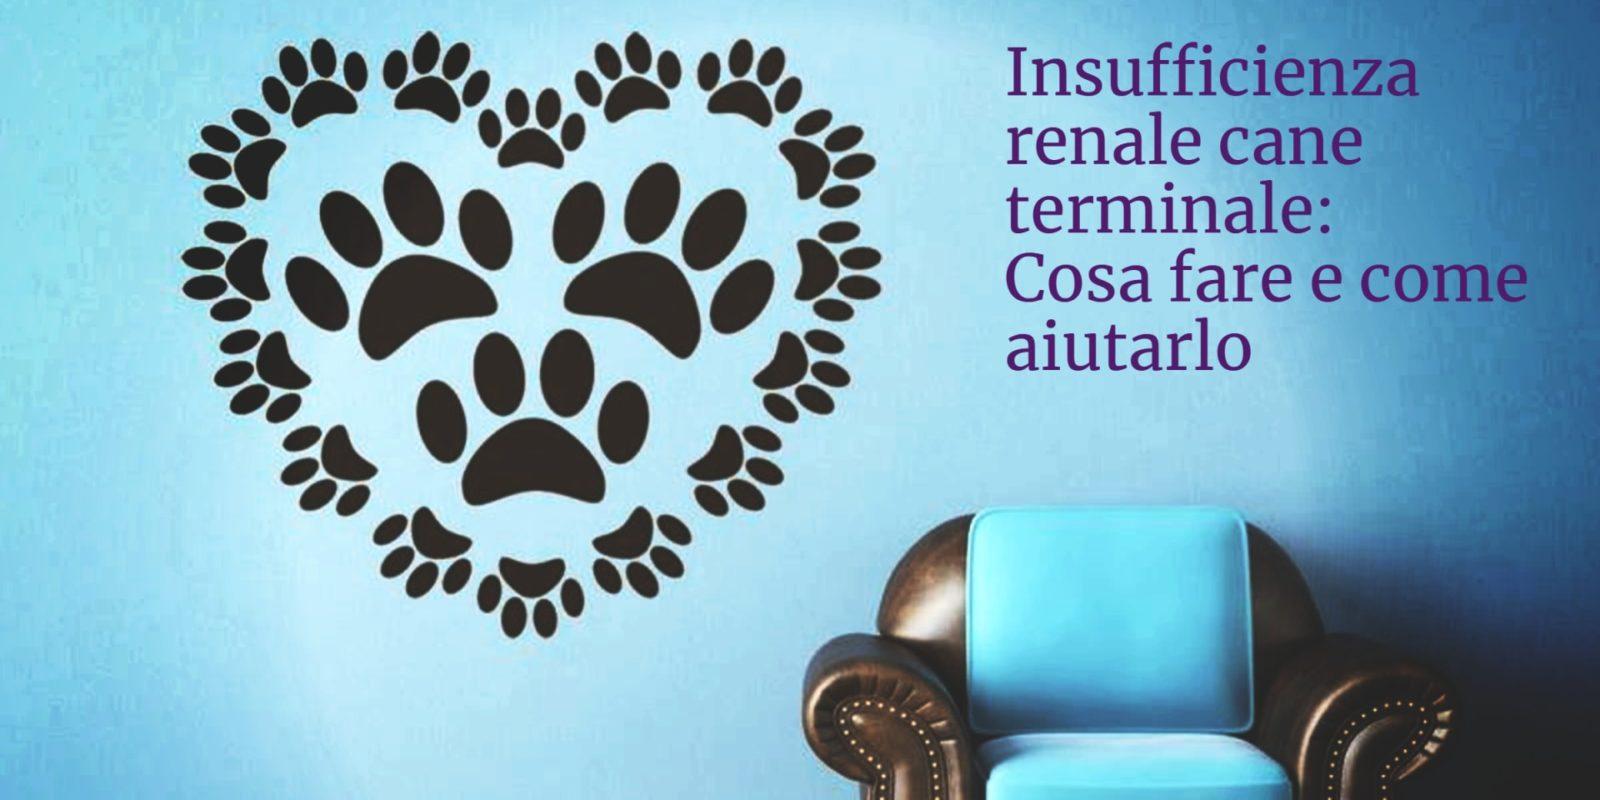 Insufficienza renale cane terminale